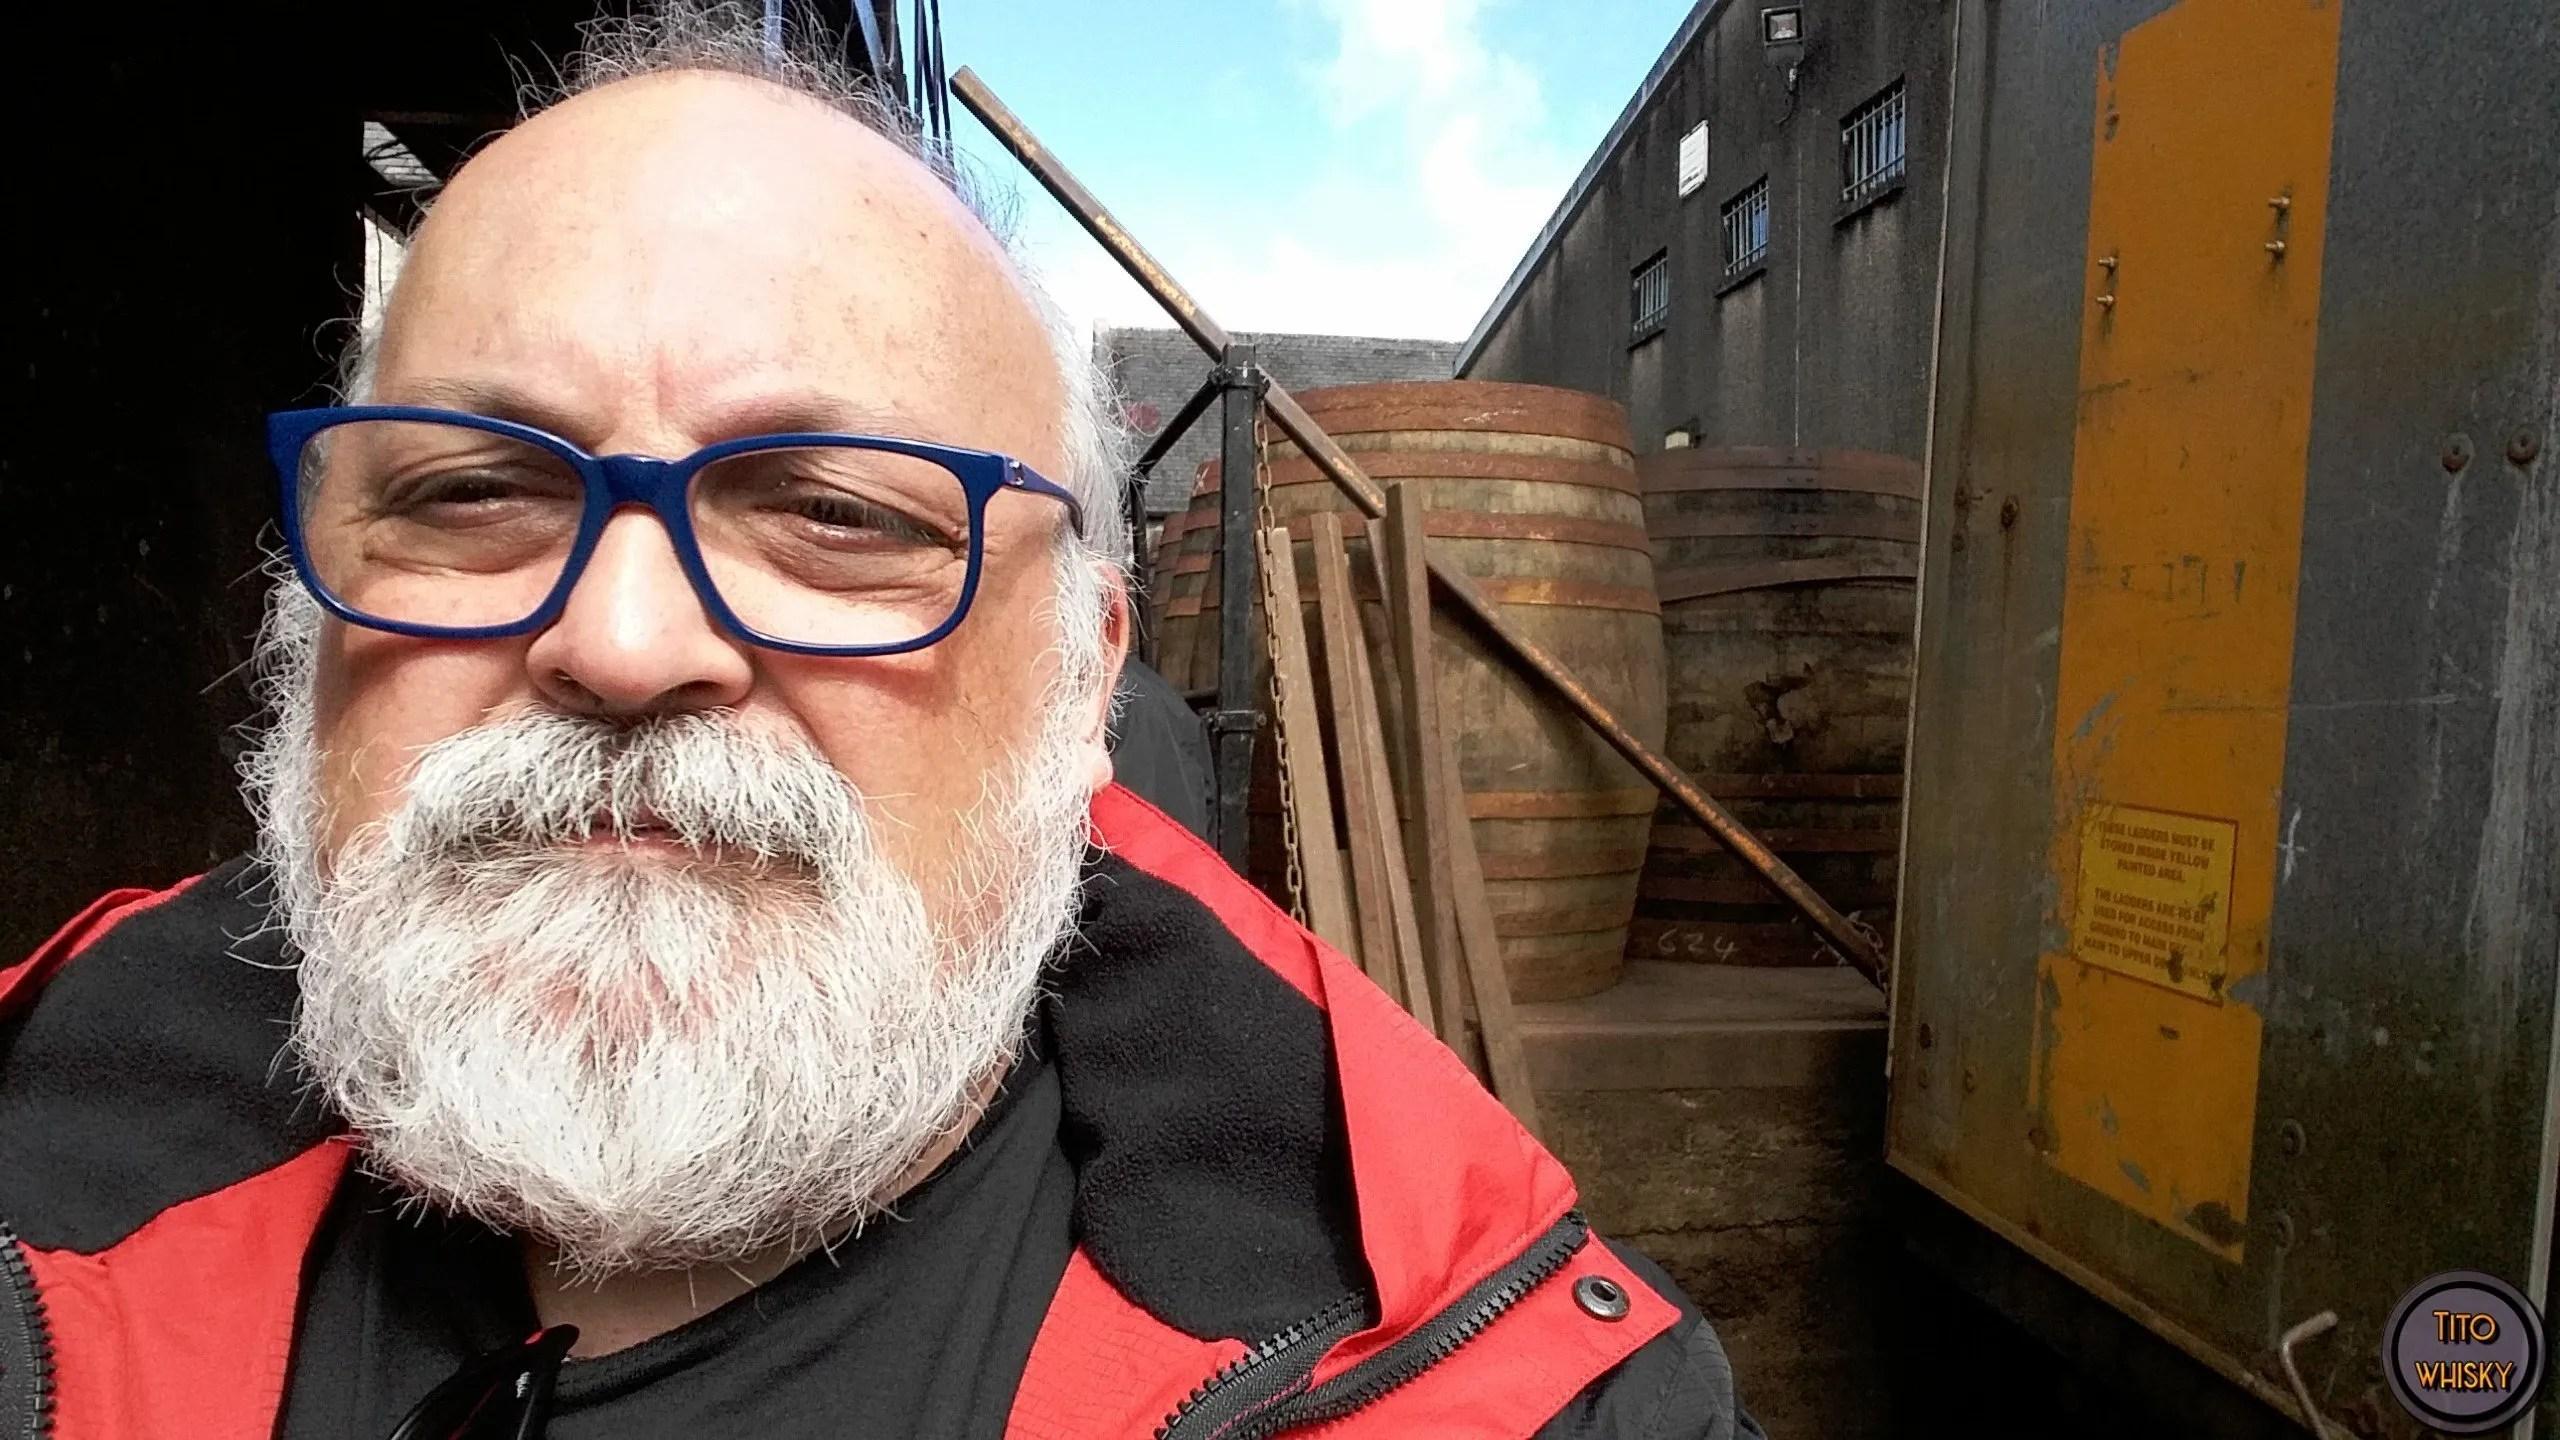 Tito visitando la destilería The Macallan